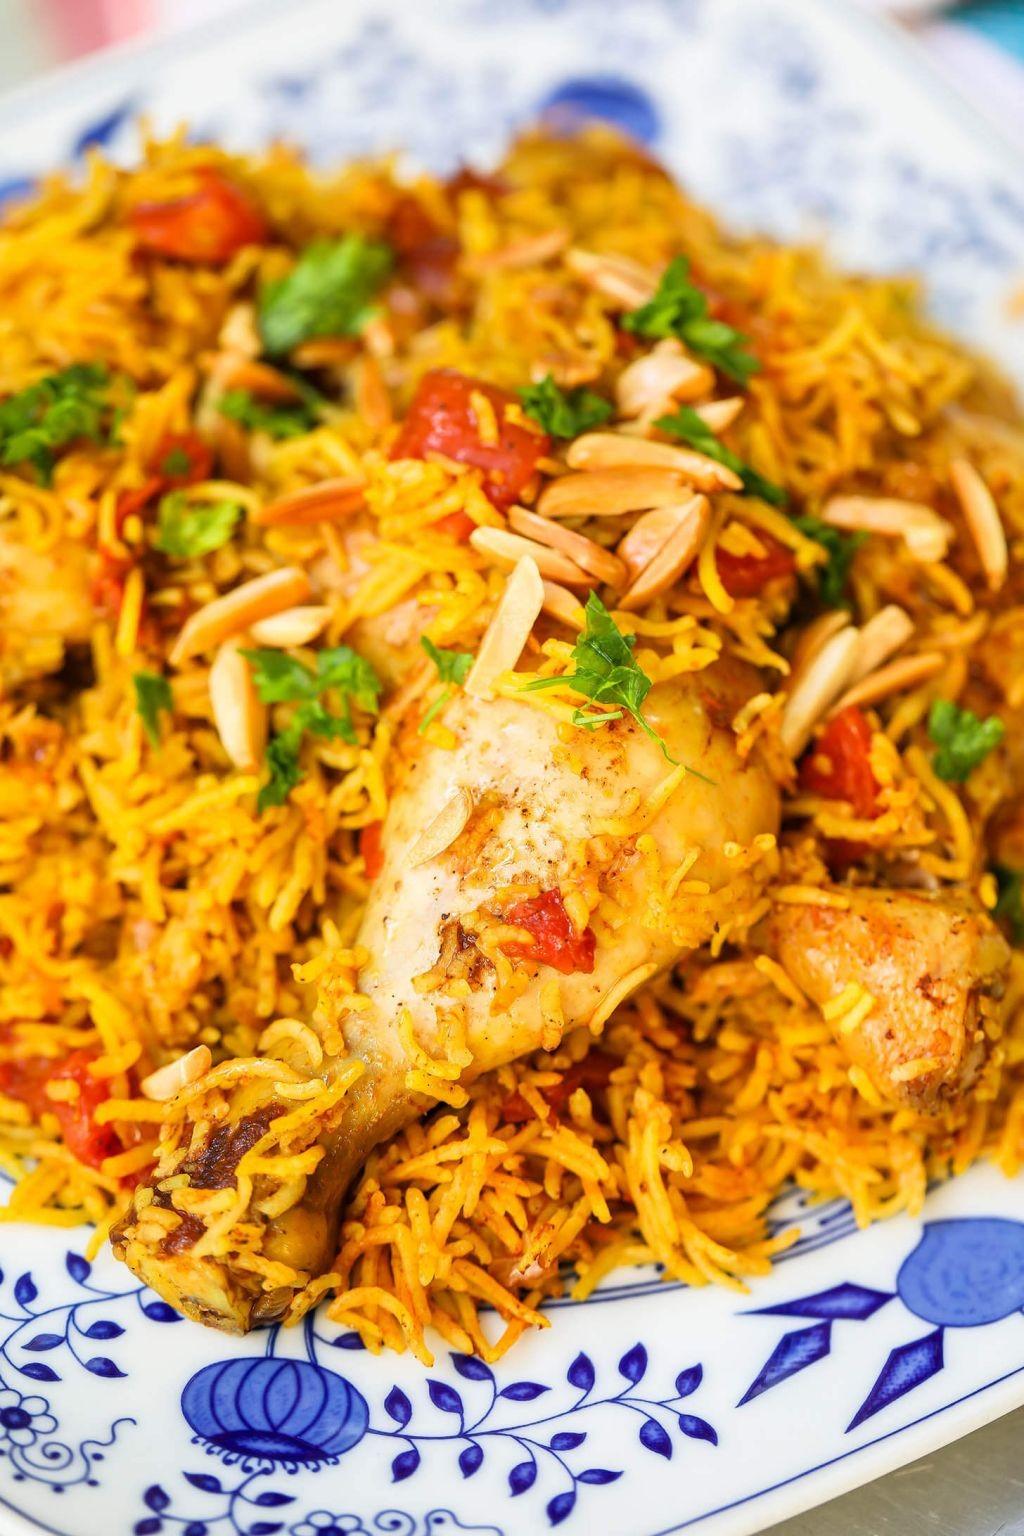 وصفات للأرز - طريقة عمل أرز الكبسة السعودي